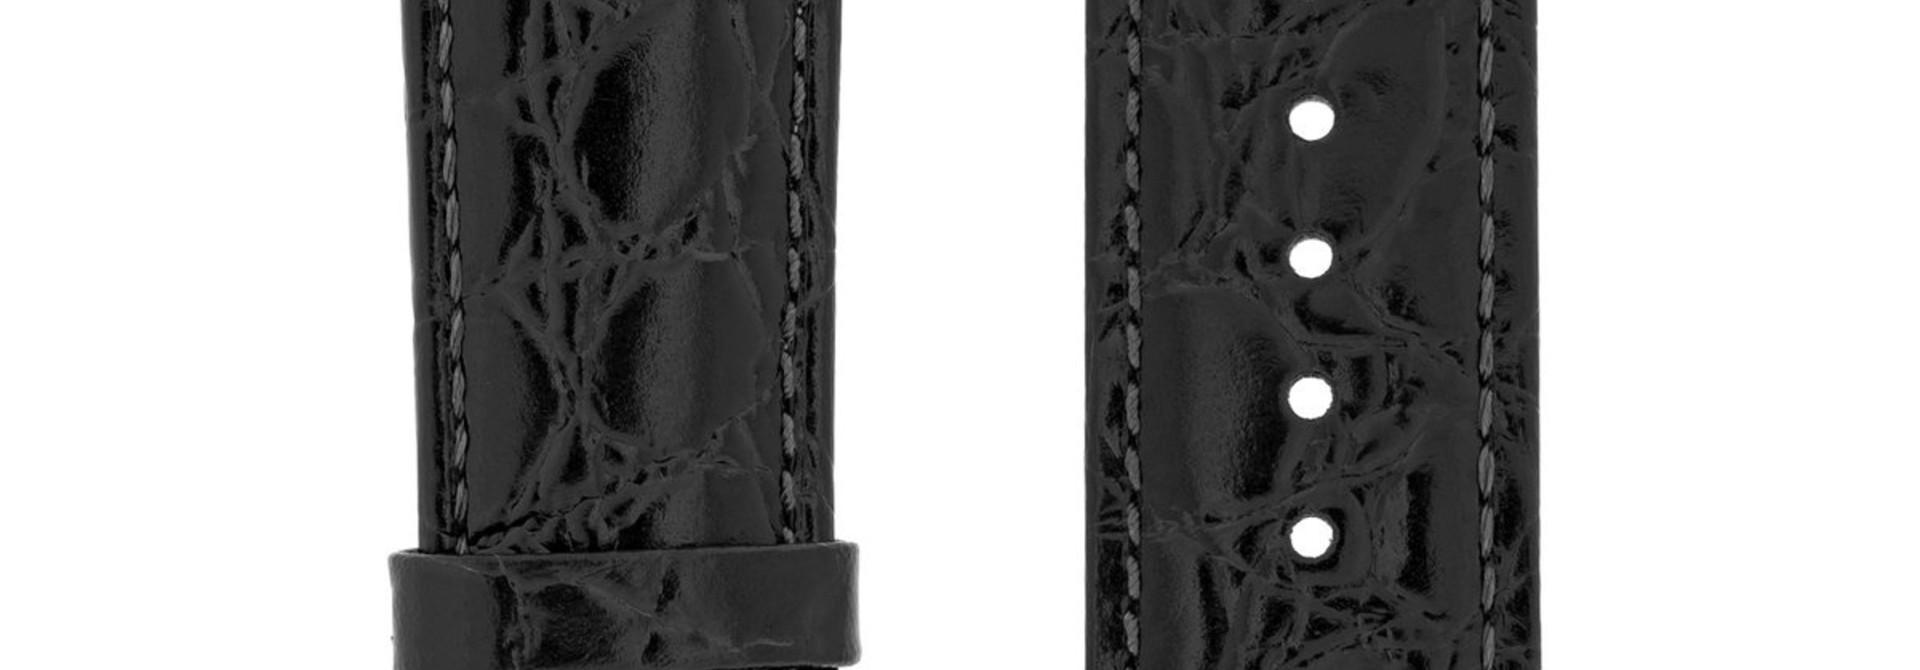 Horlogebandje Crocograin Kalfsleer 22 mm